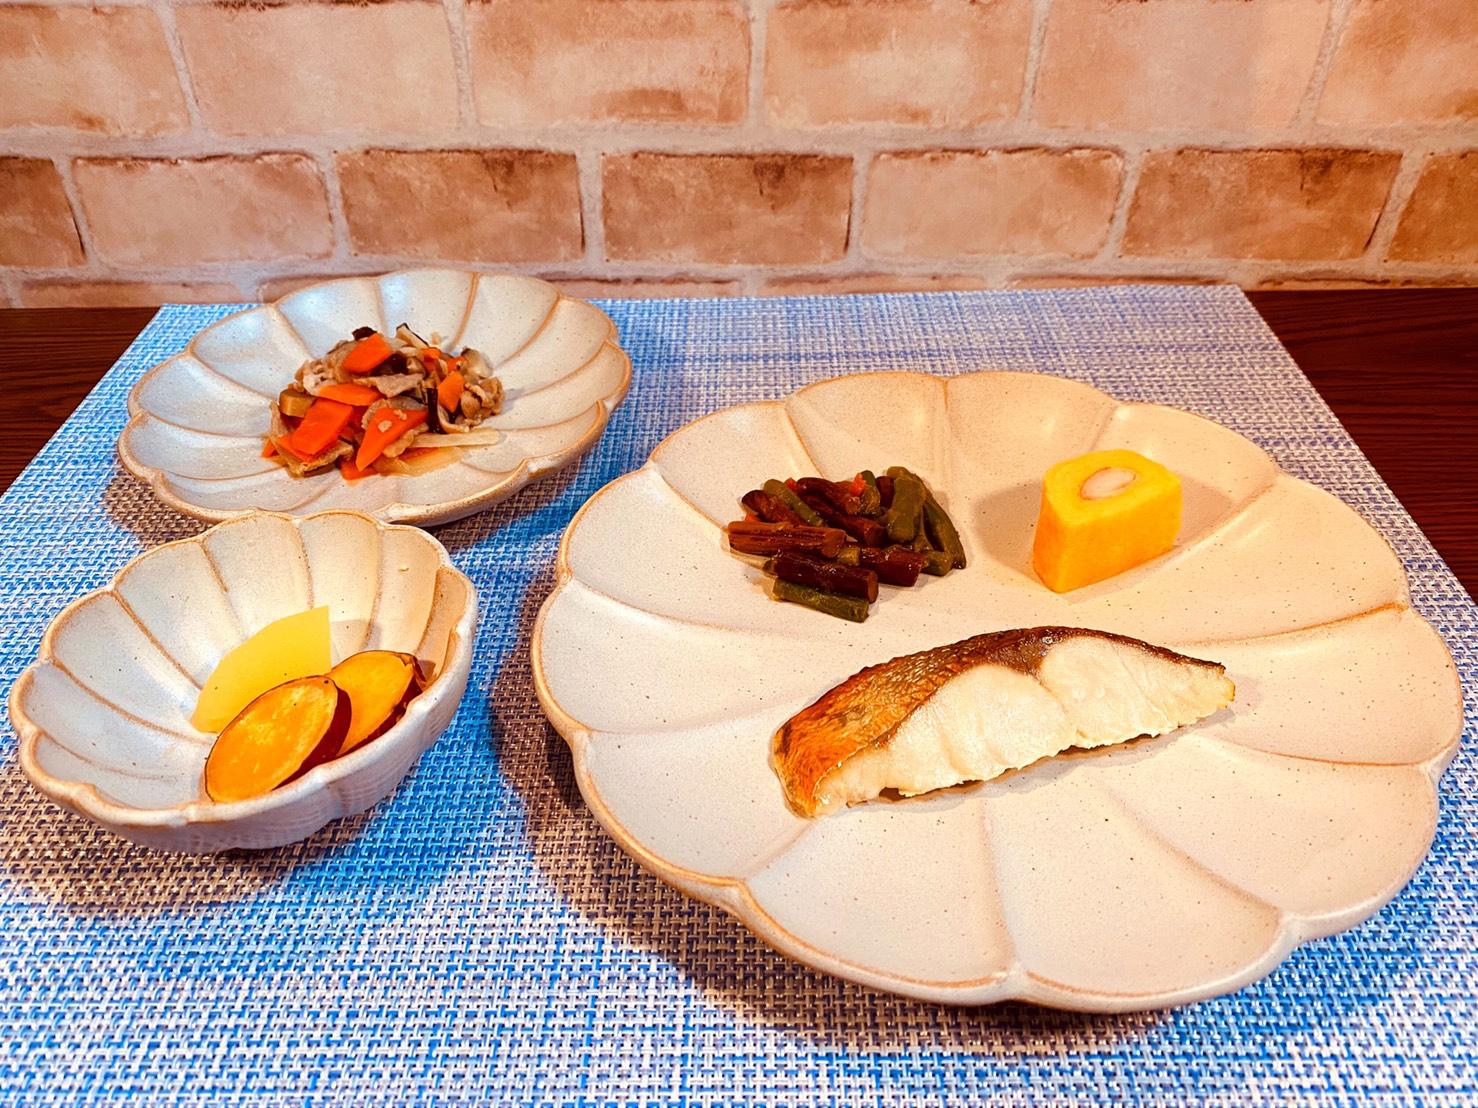 (メニューの一例)シルバーの塩麹漬け焼、豚肉のニンジンの煮物、さつまいもの煮物、ぜんまいの和え物